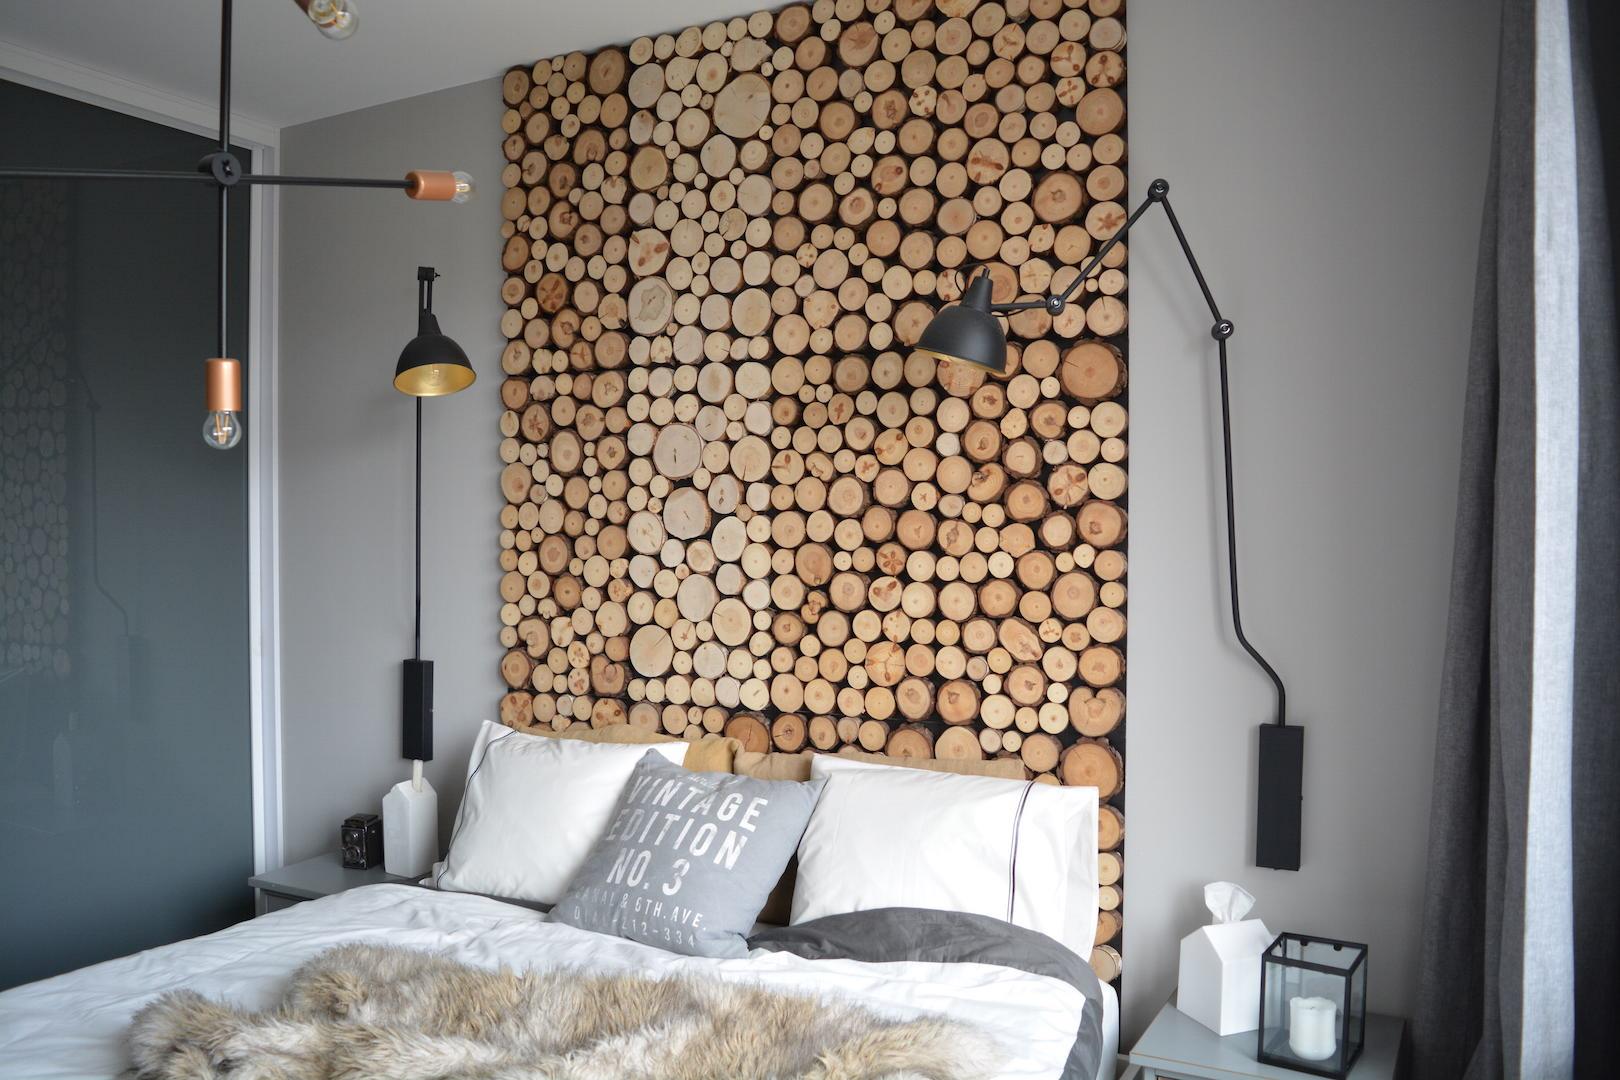 przed po, metamorfoza wnętrza, kolory, dodatki w stylu loft, mozaika drewniana, sypialnia loft